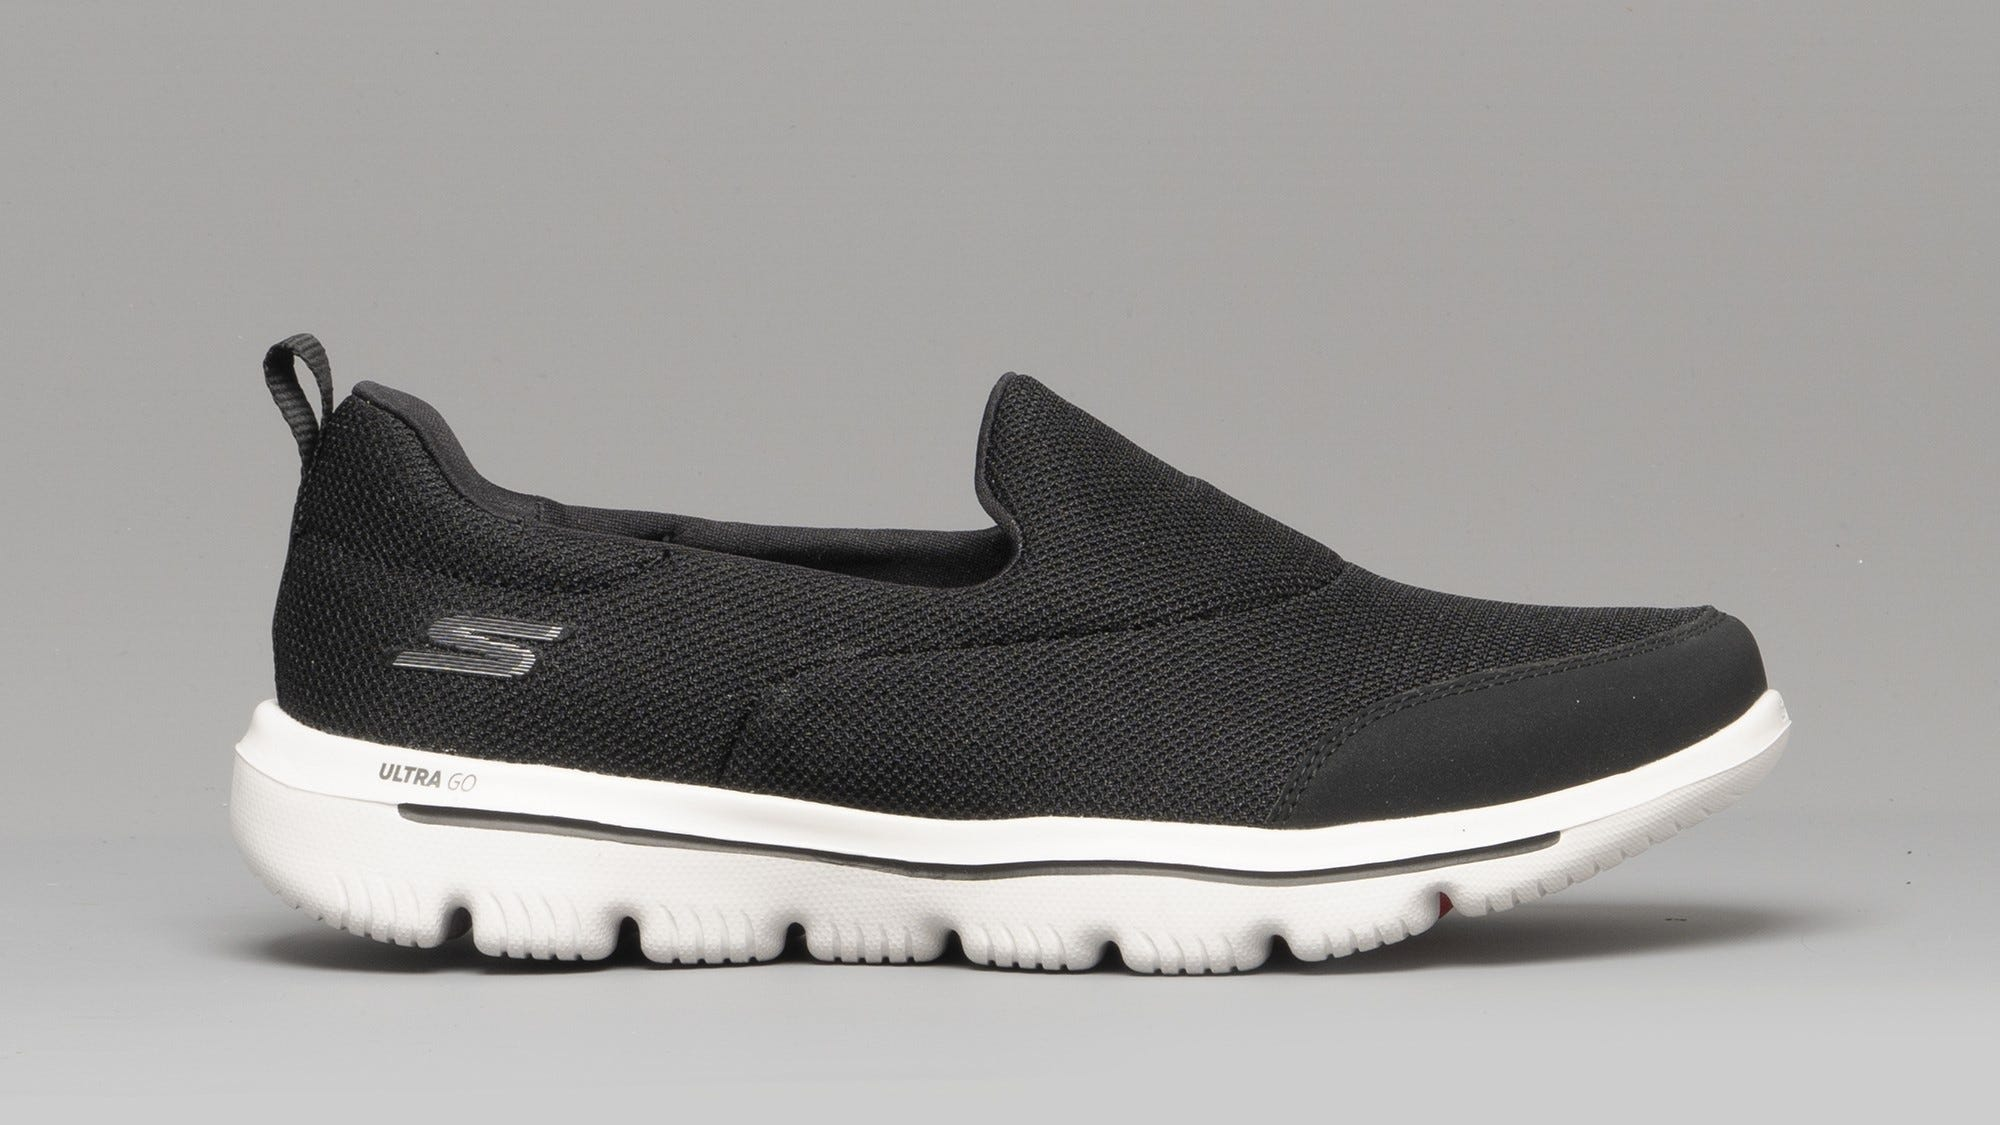 Skechers Go Walk Ultra shoe in black.